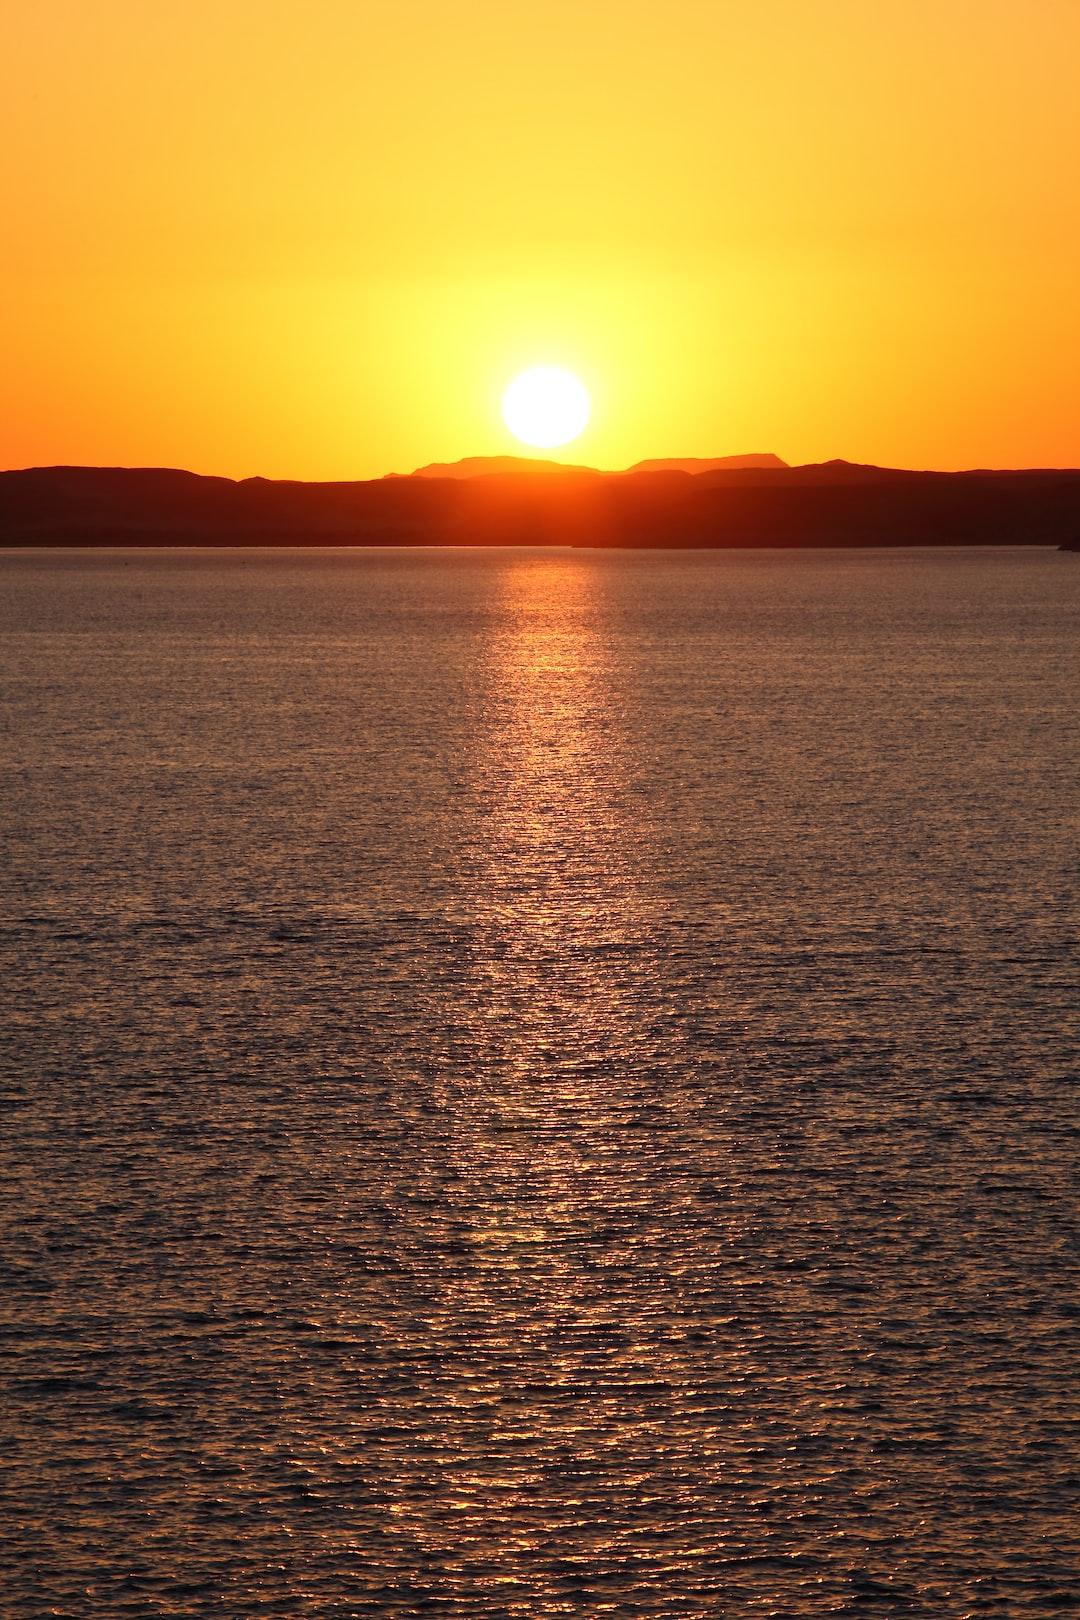 Egypt sunset nile river